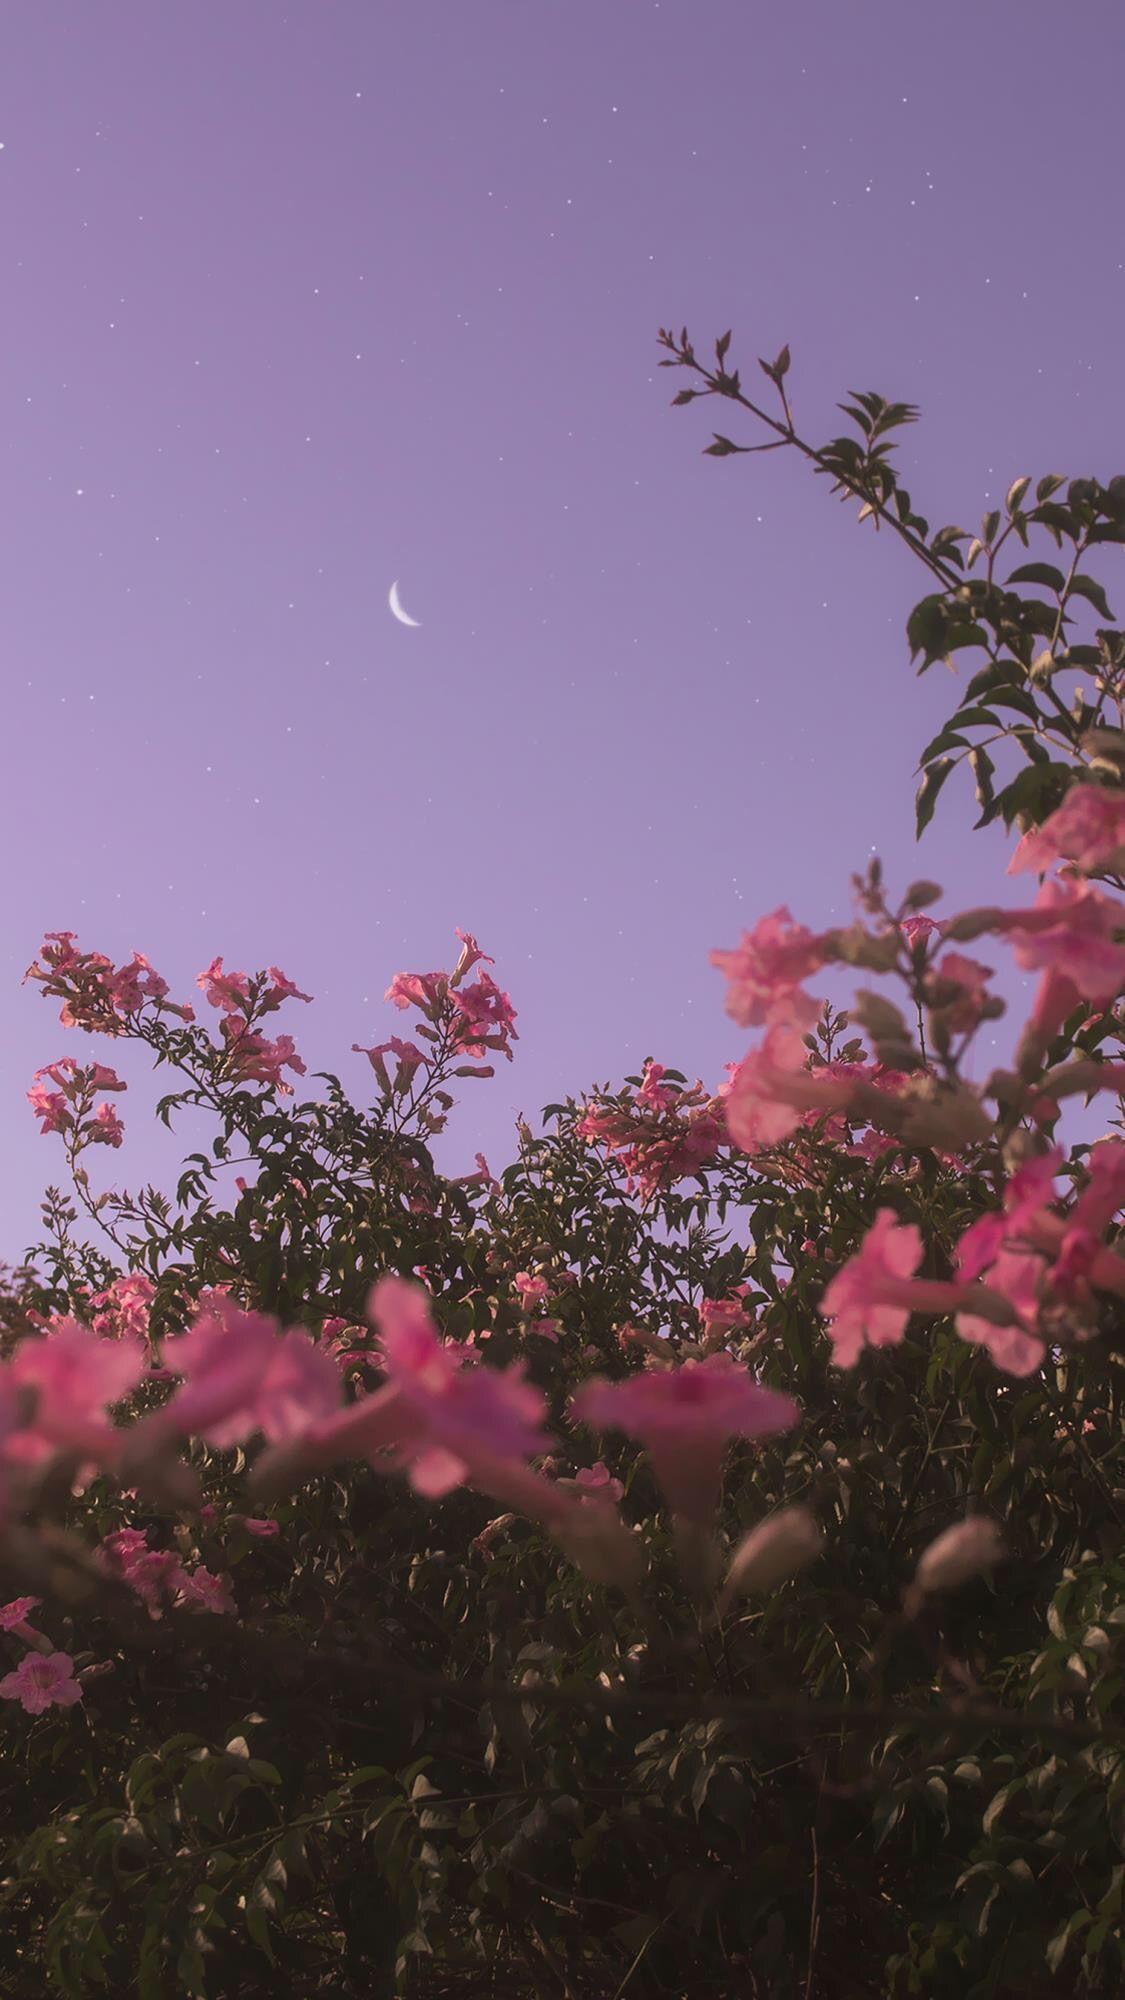 Flowerphotography Flowerwallpaper Evening Flowers Darken Begun Bloom Just Were Full The Sky And T Fotografi Alam Fotografi Abstrak Latar Belakang Coolest flower tree wallpaper images